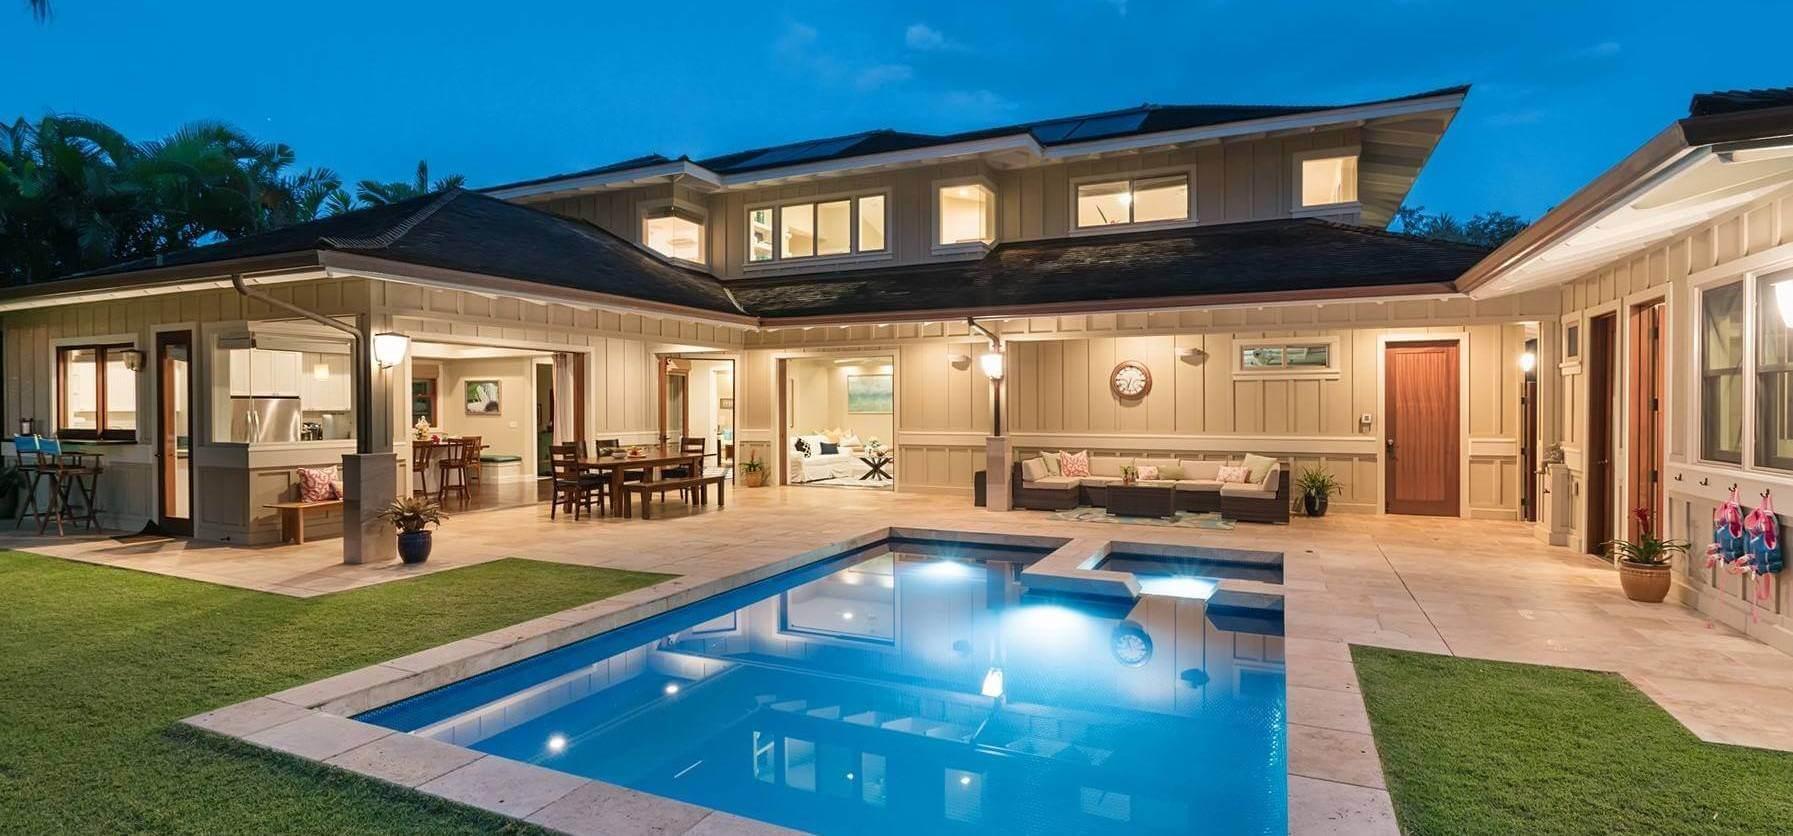 Real Estate Agent Kailua